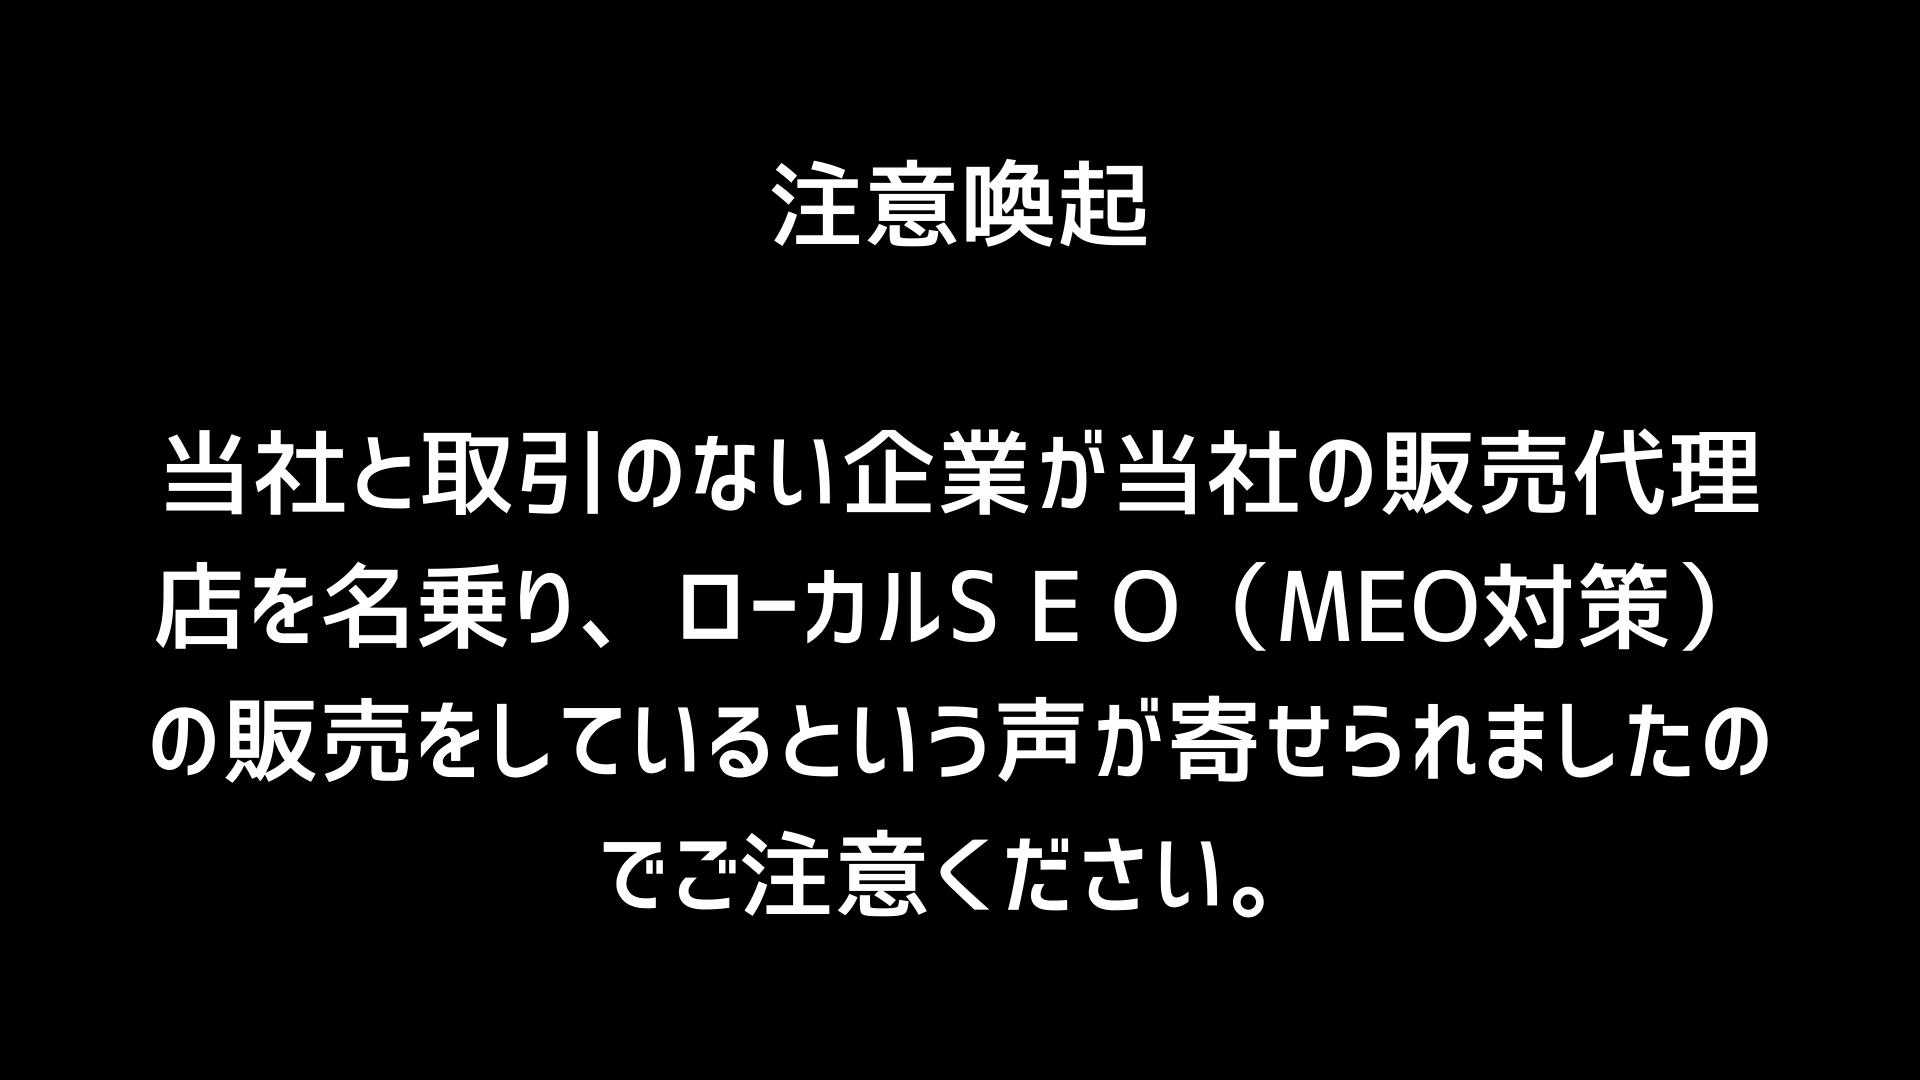 当社と取引のない企業が当社の販売代理店を名乗り、ローカルS E O(MEO対策)の販売をしているという声が寄せられましたのでご注意ください。